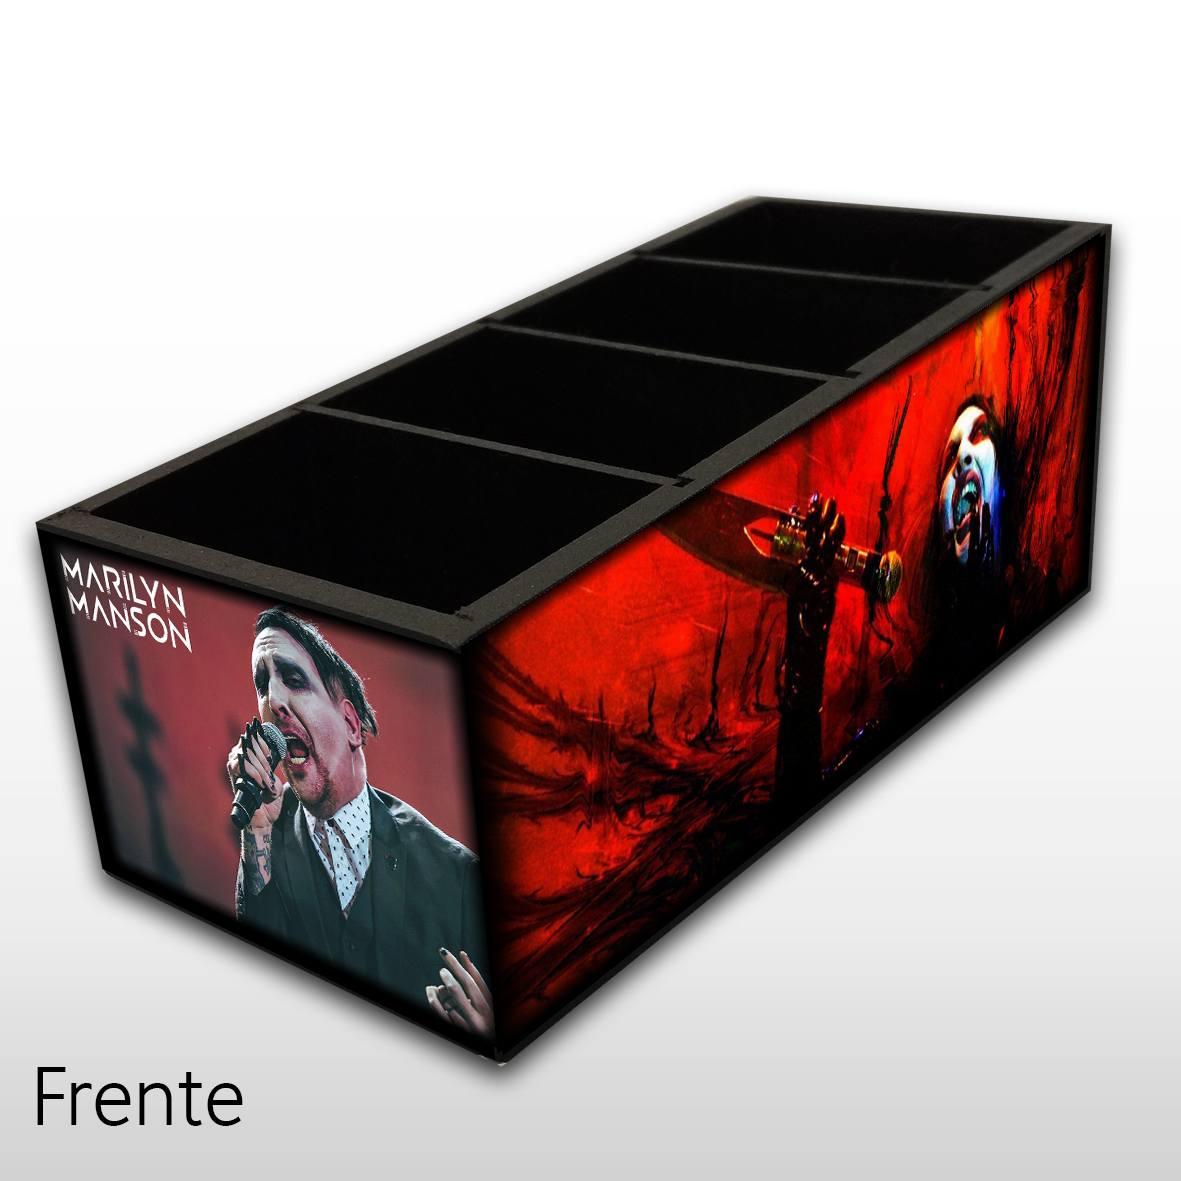 Marilyn Manson - Porta Controles em Madeira MDF - 4 Espaços - Mr. Rock